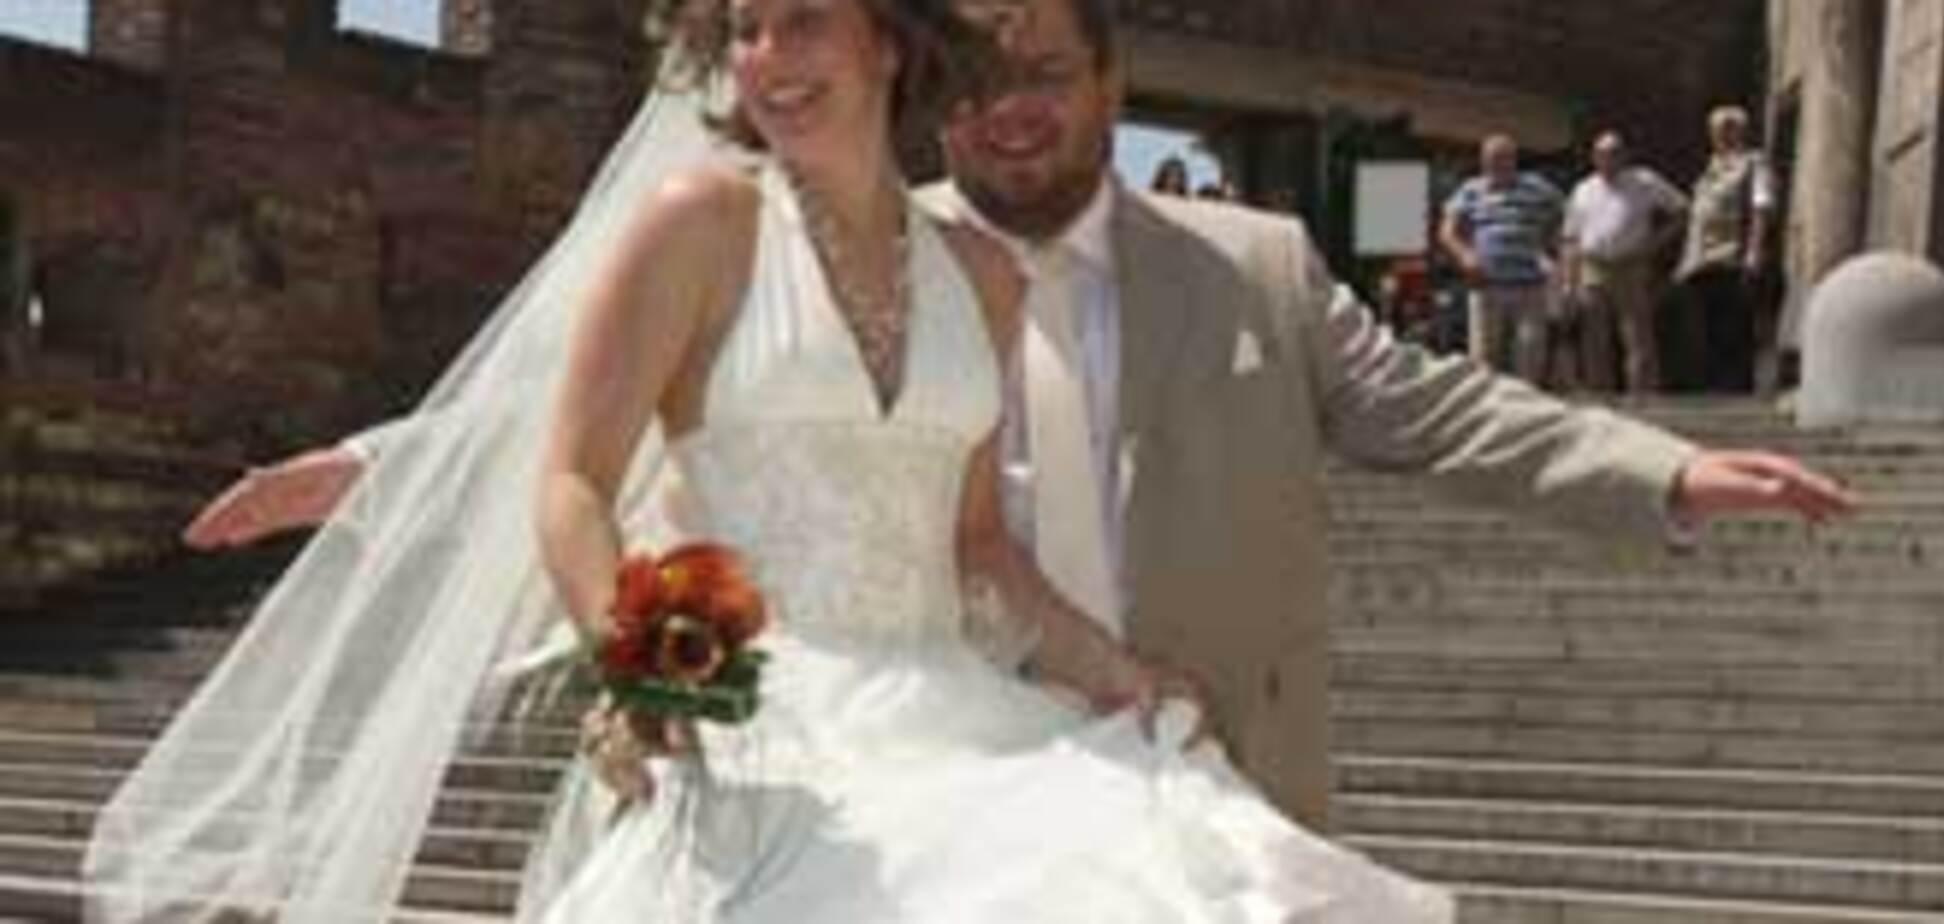 ТОП-5 стран для свадьбы осенью, 7 сентября 2009